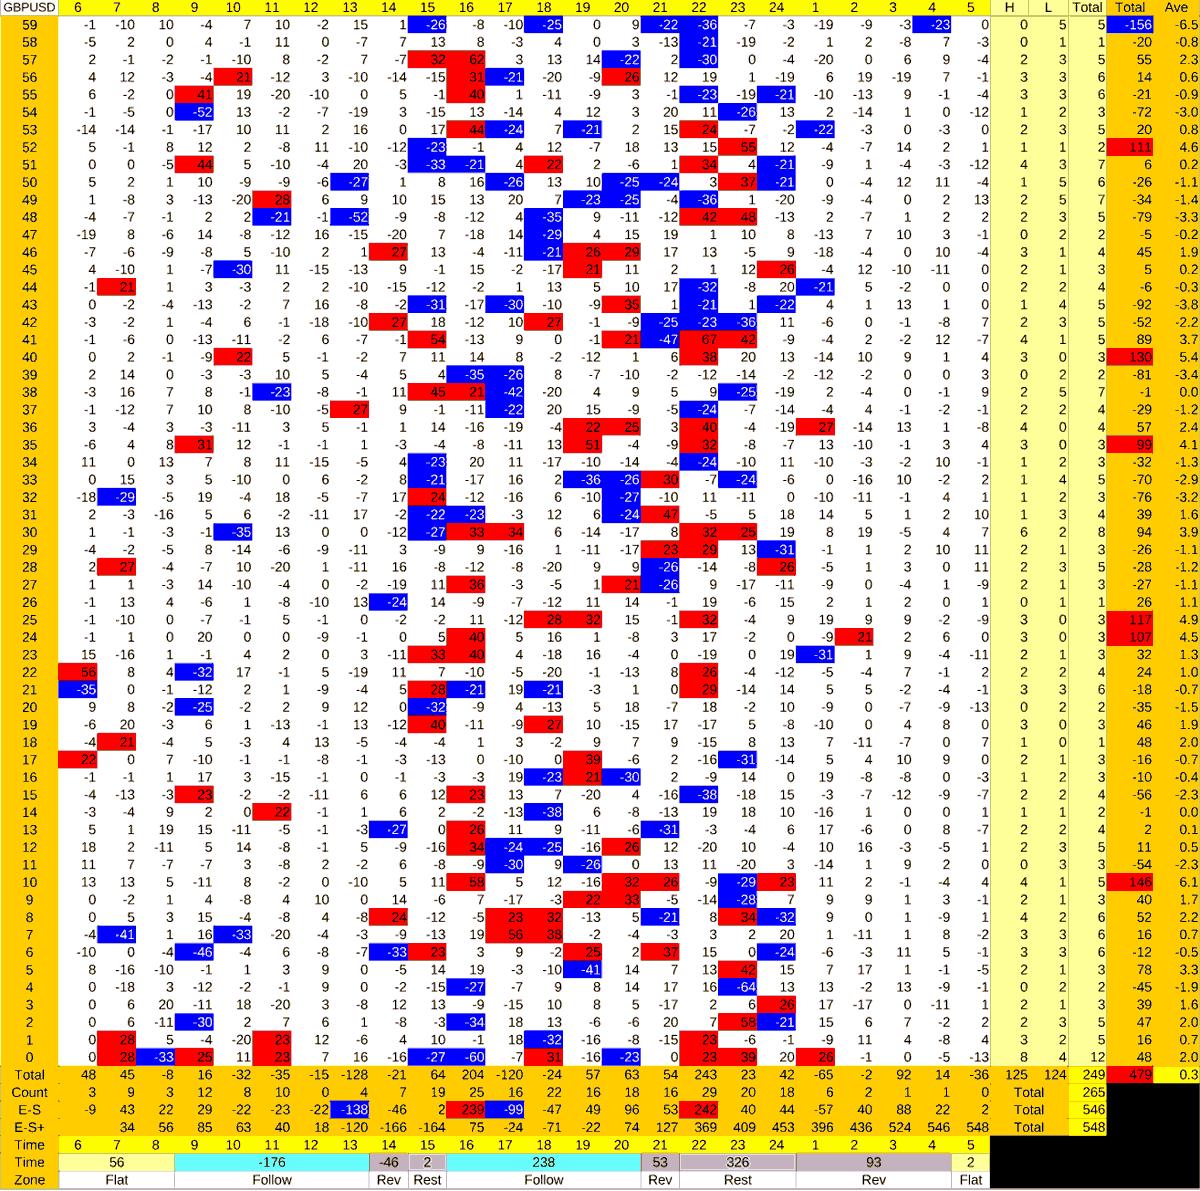 20210401_HS(2)GBPUSD